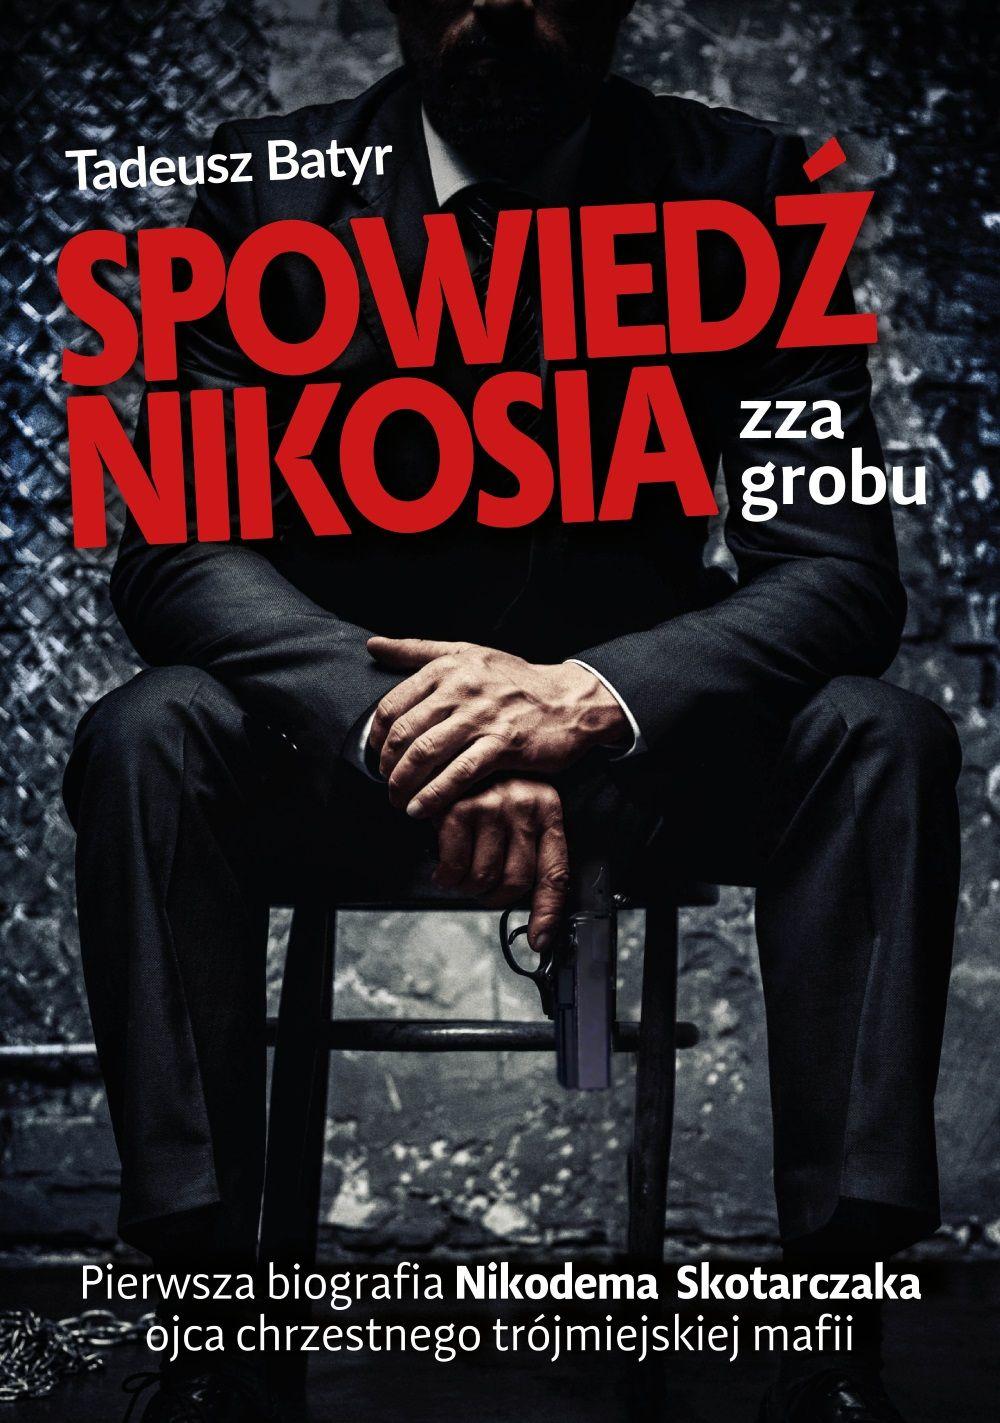 """Artykuł powstał między innymi w oparciu o książkę Tadeusza Batyra """"Spowiedź Nikosia zza grobu"""", wydaną nakładem wydawnictwa Fronda."""